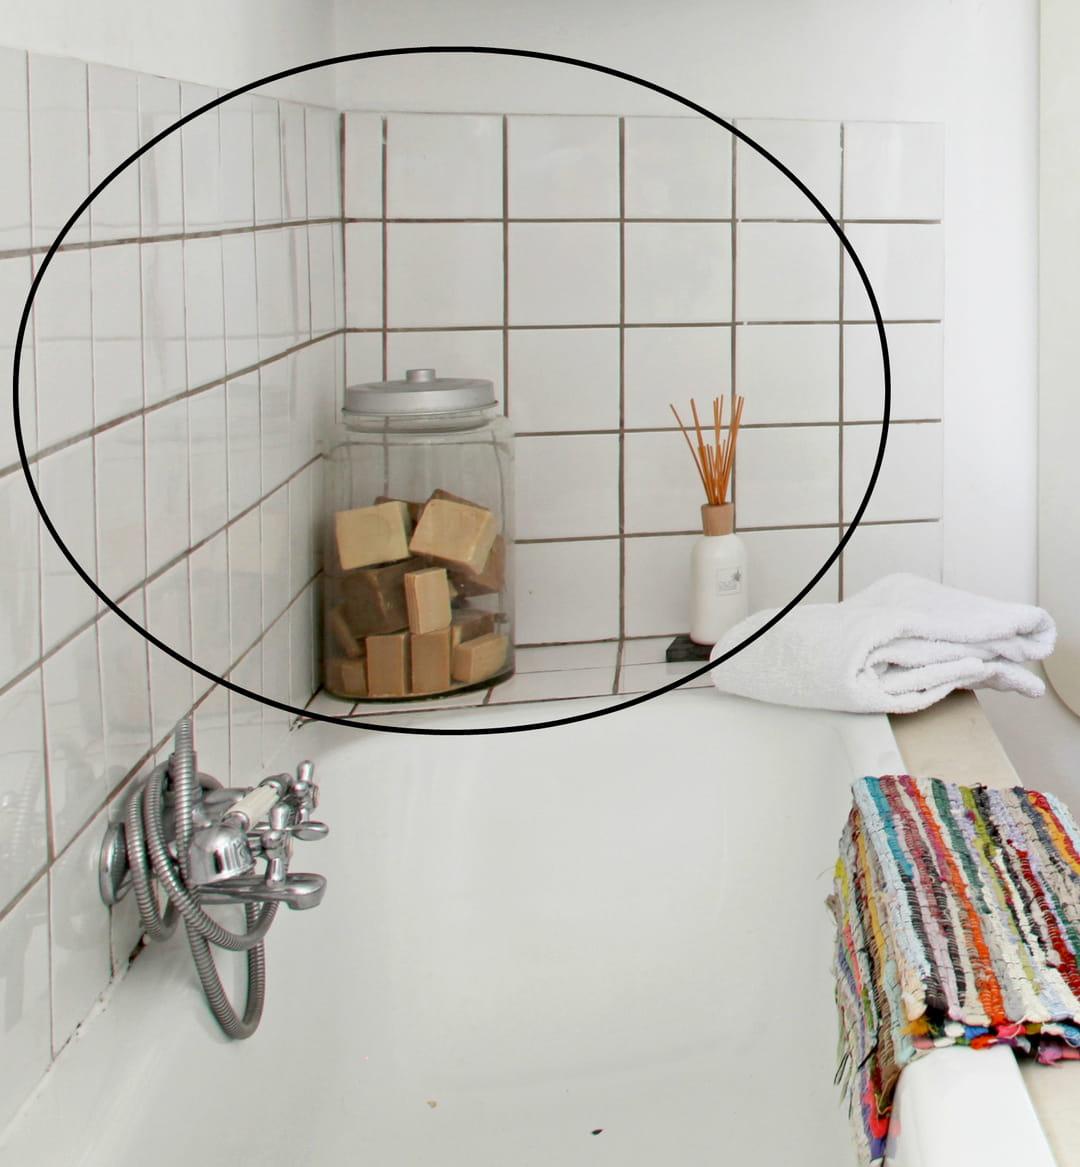 Idees Deco Salle De Bain Carrelage 5 idées déco à copier dans cette salle de bains immaculée